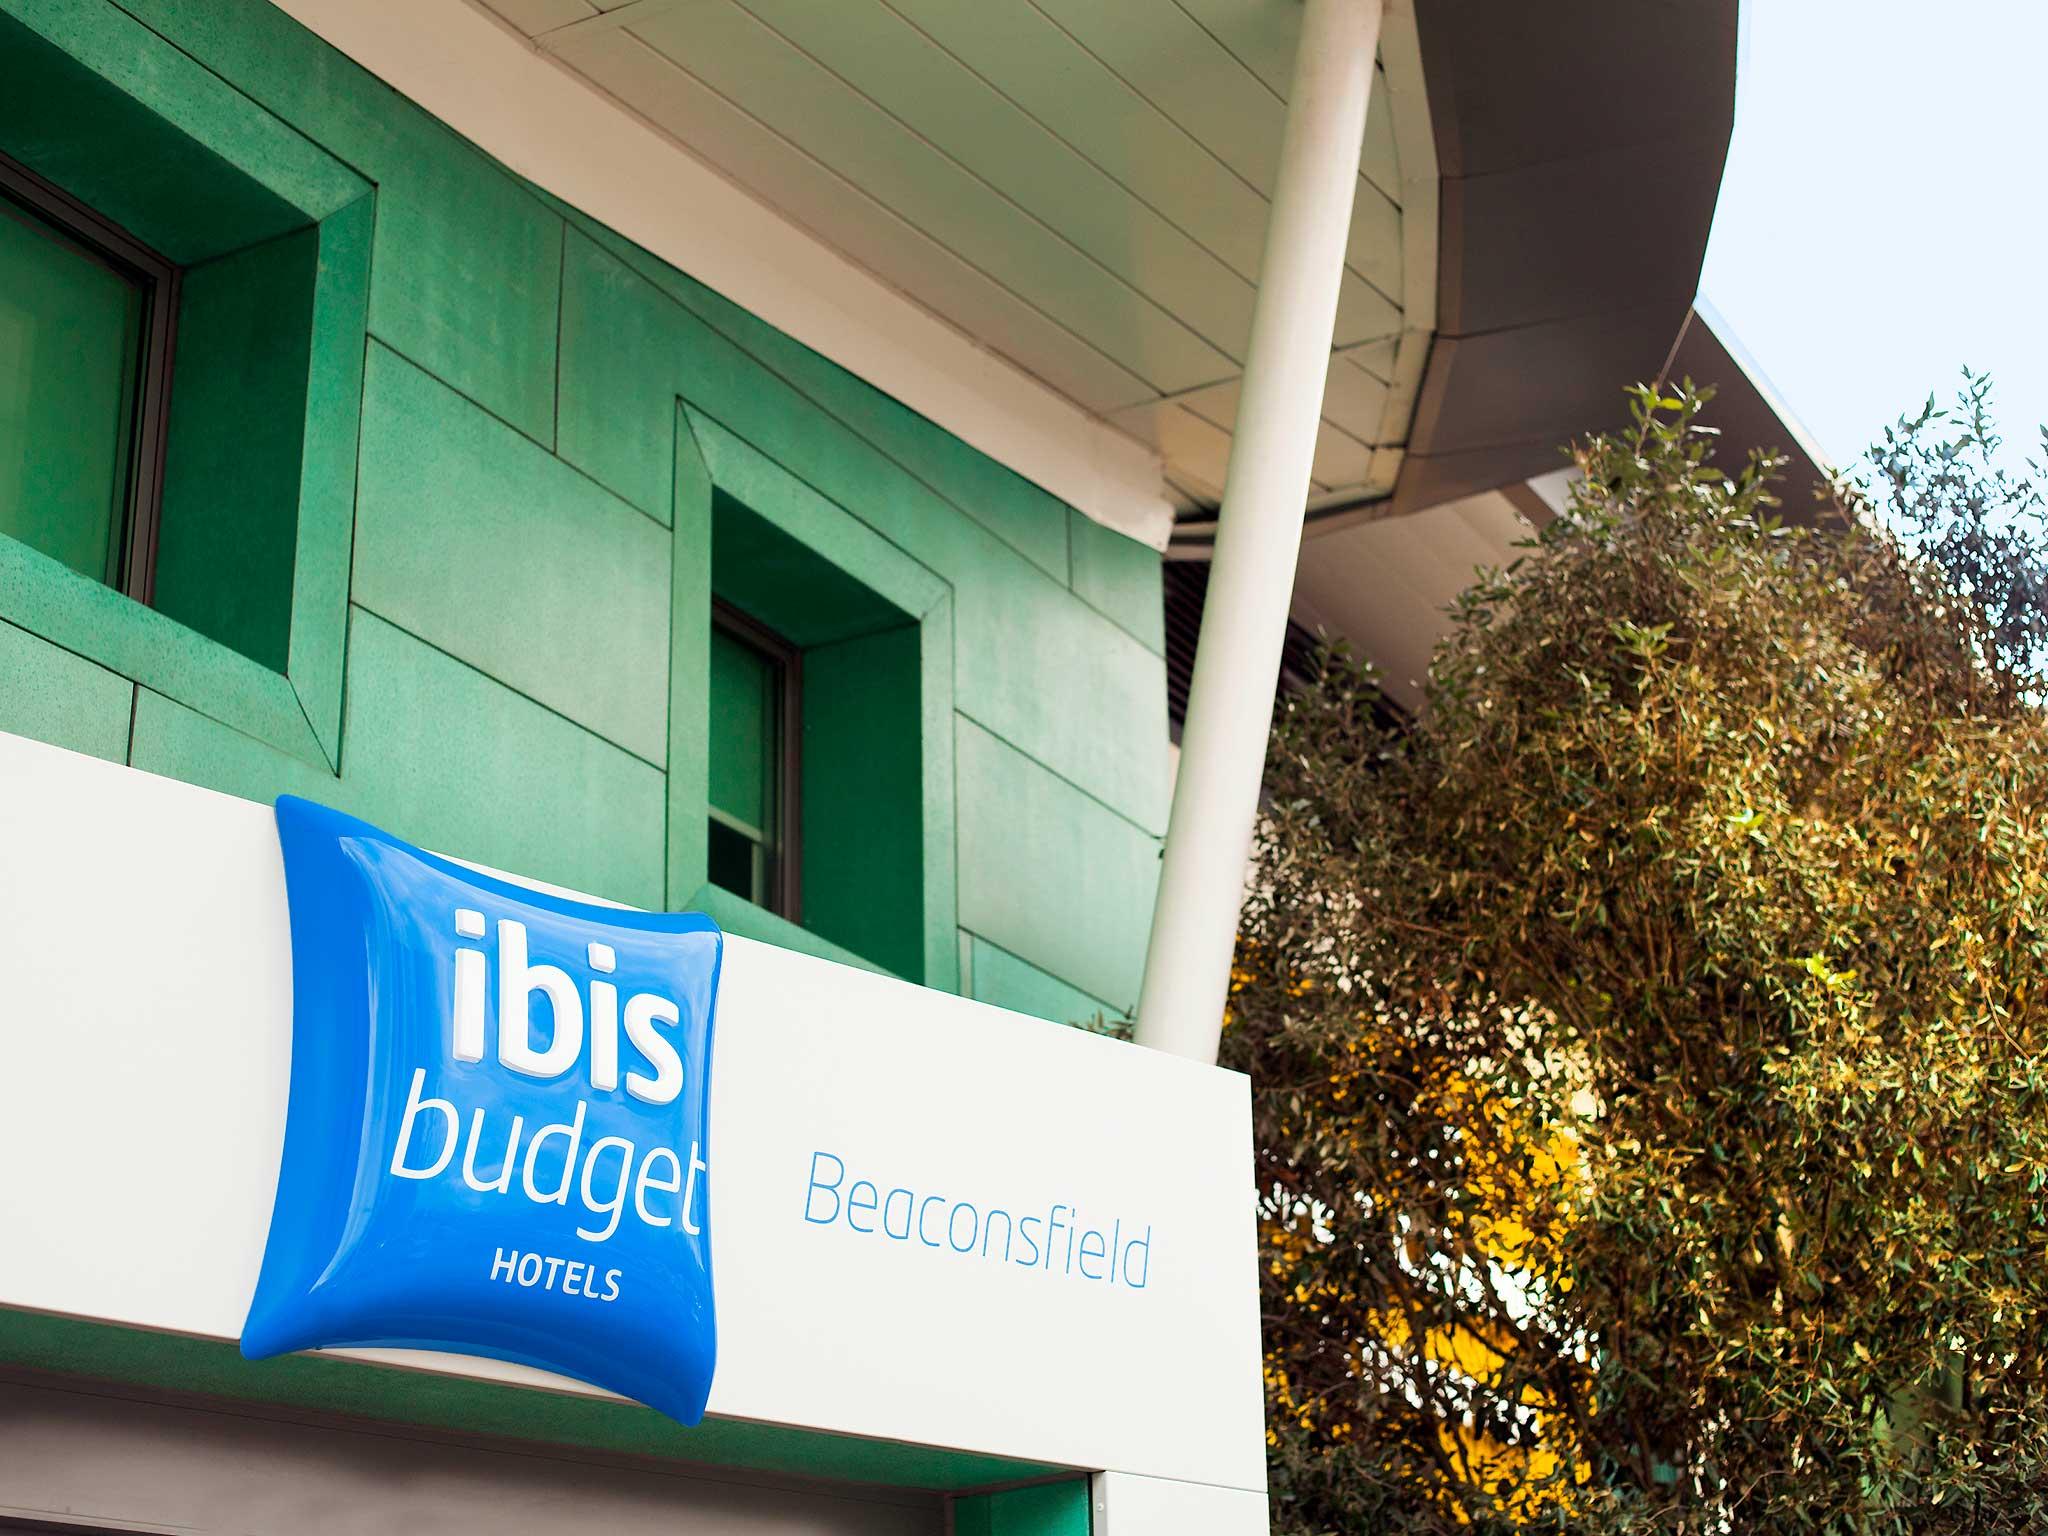 فندق - ibis budget Beaconsfield